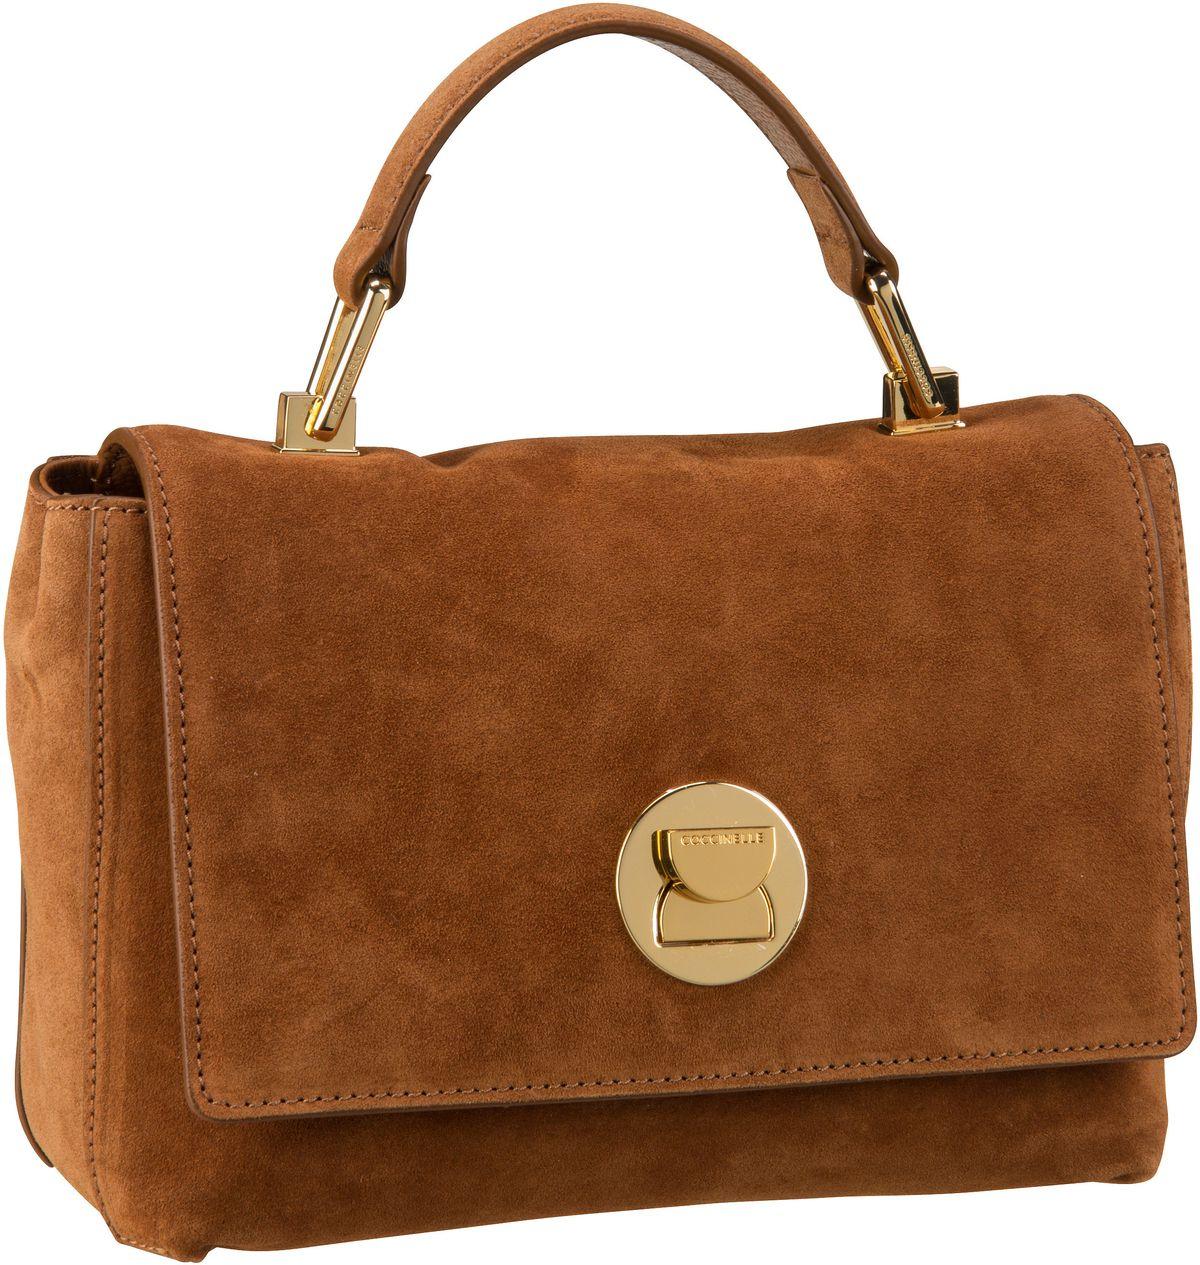 Handtasche Liya Suede 5840 Caramel